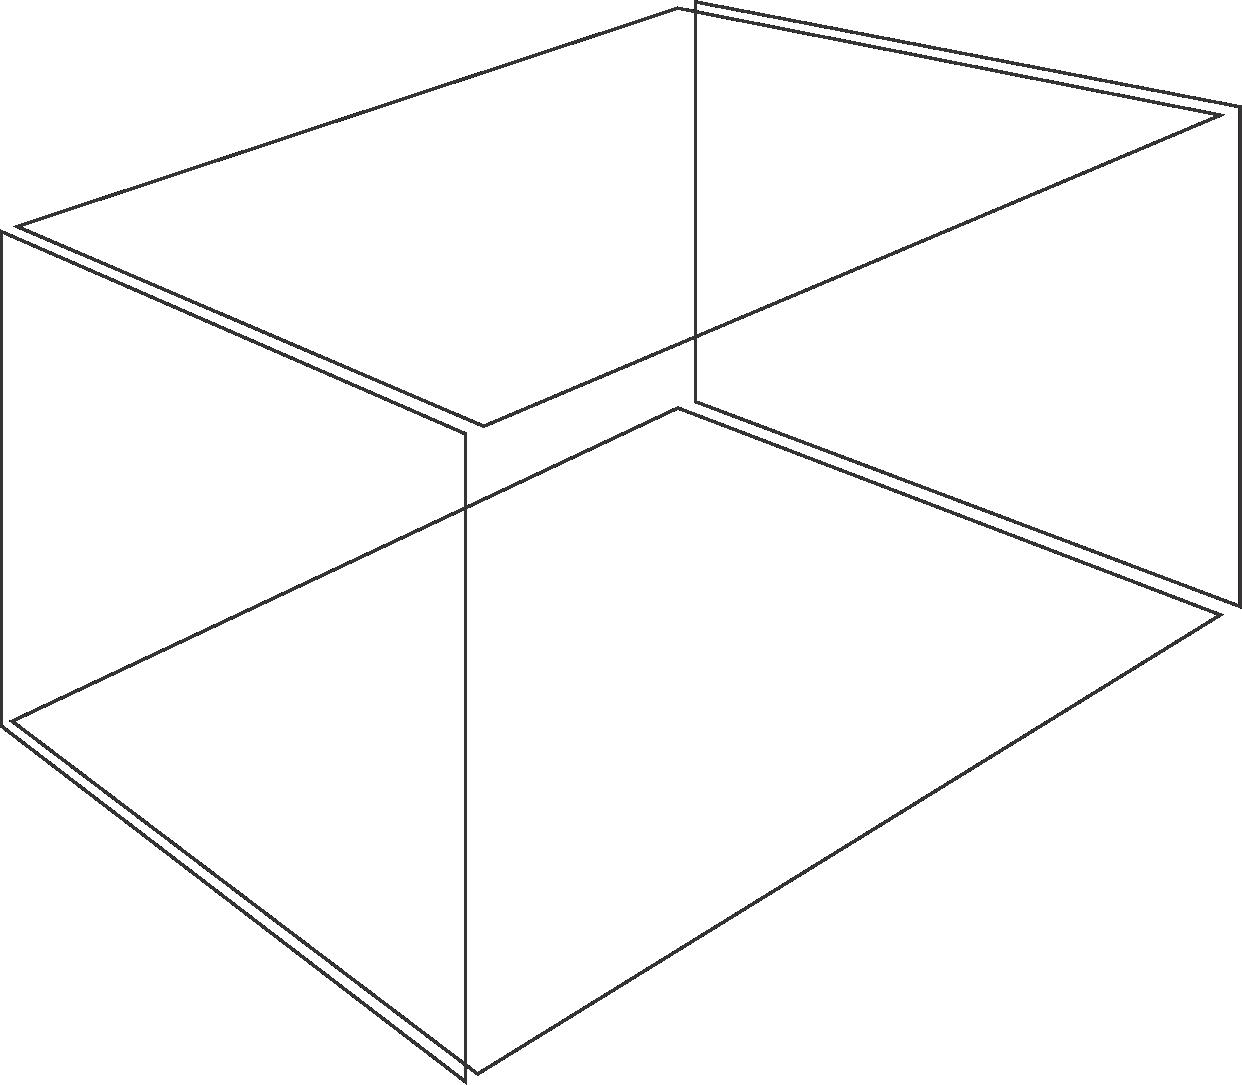 Plano formando uma caixa